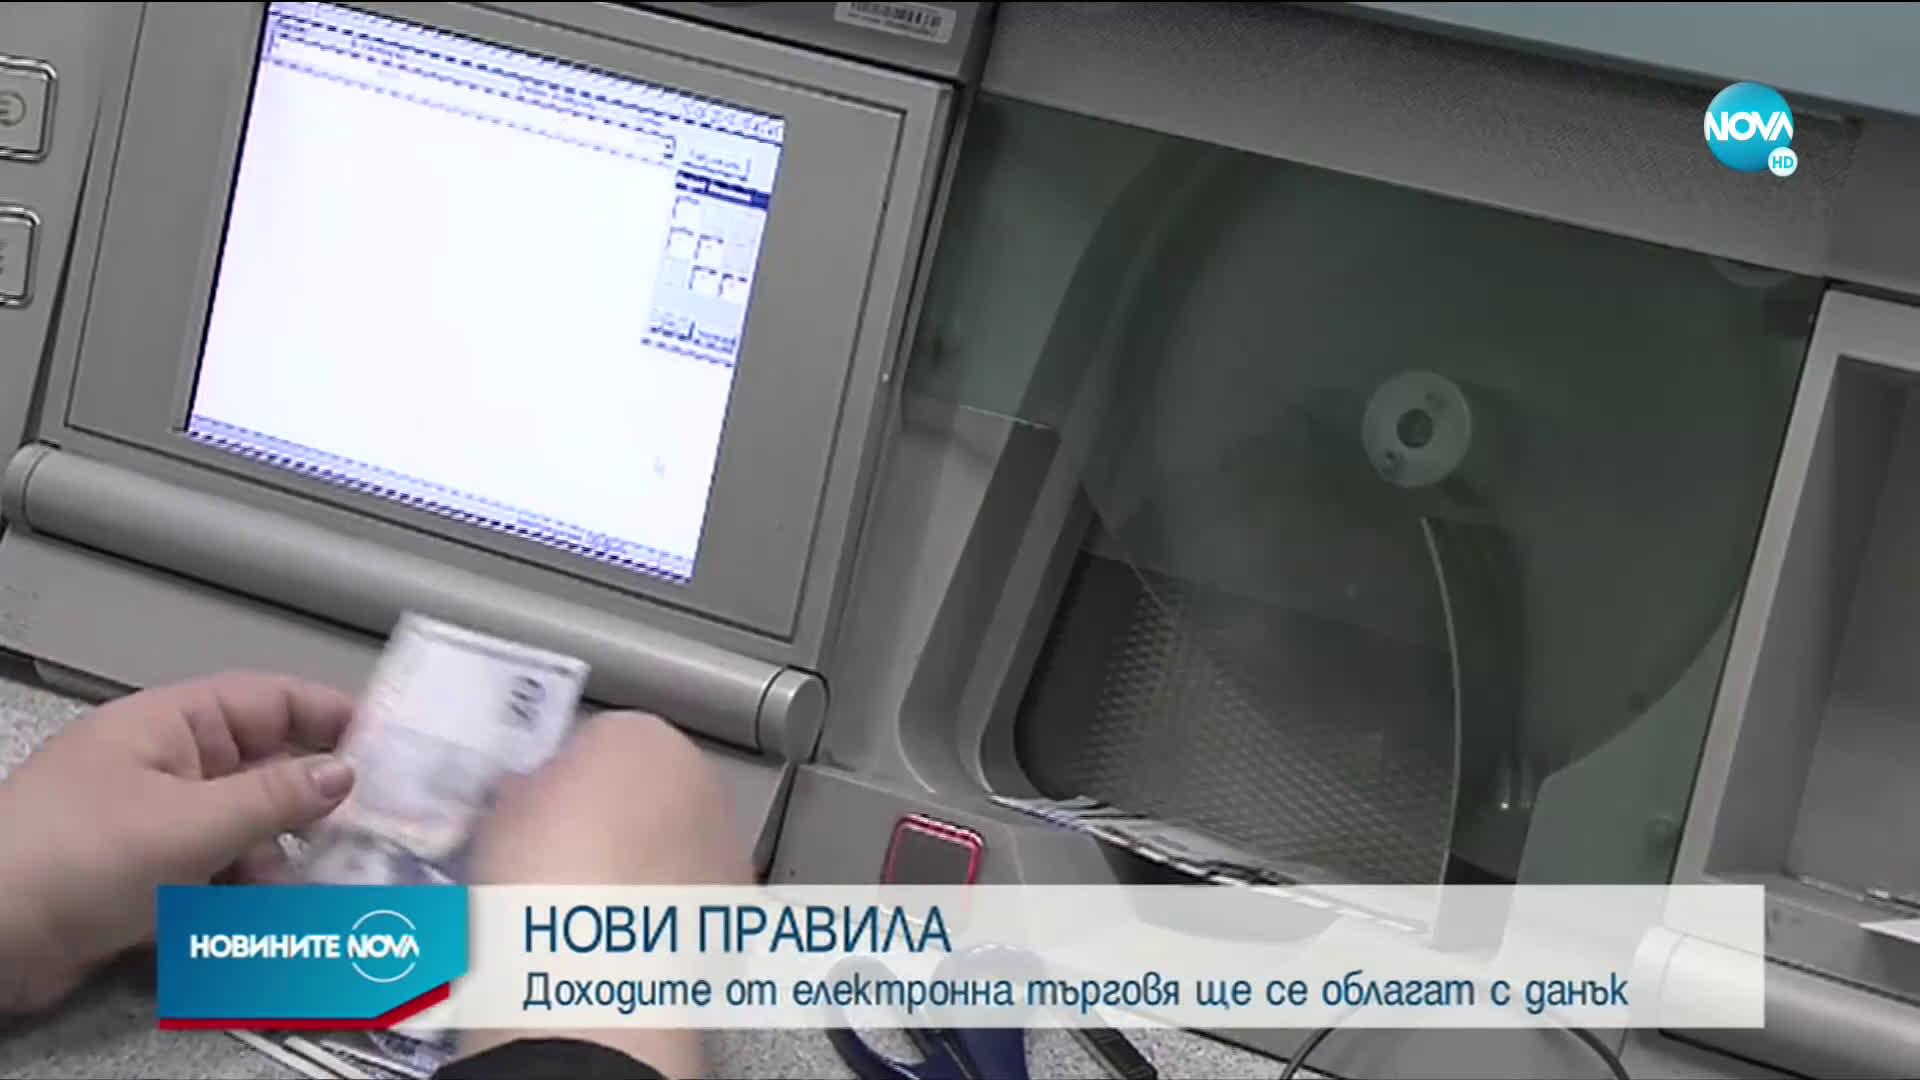 Доходите от електронна търговя ще се облагат с данък